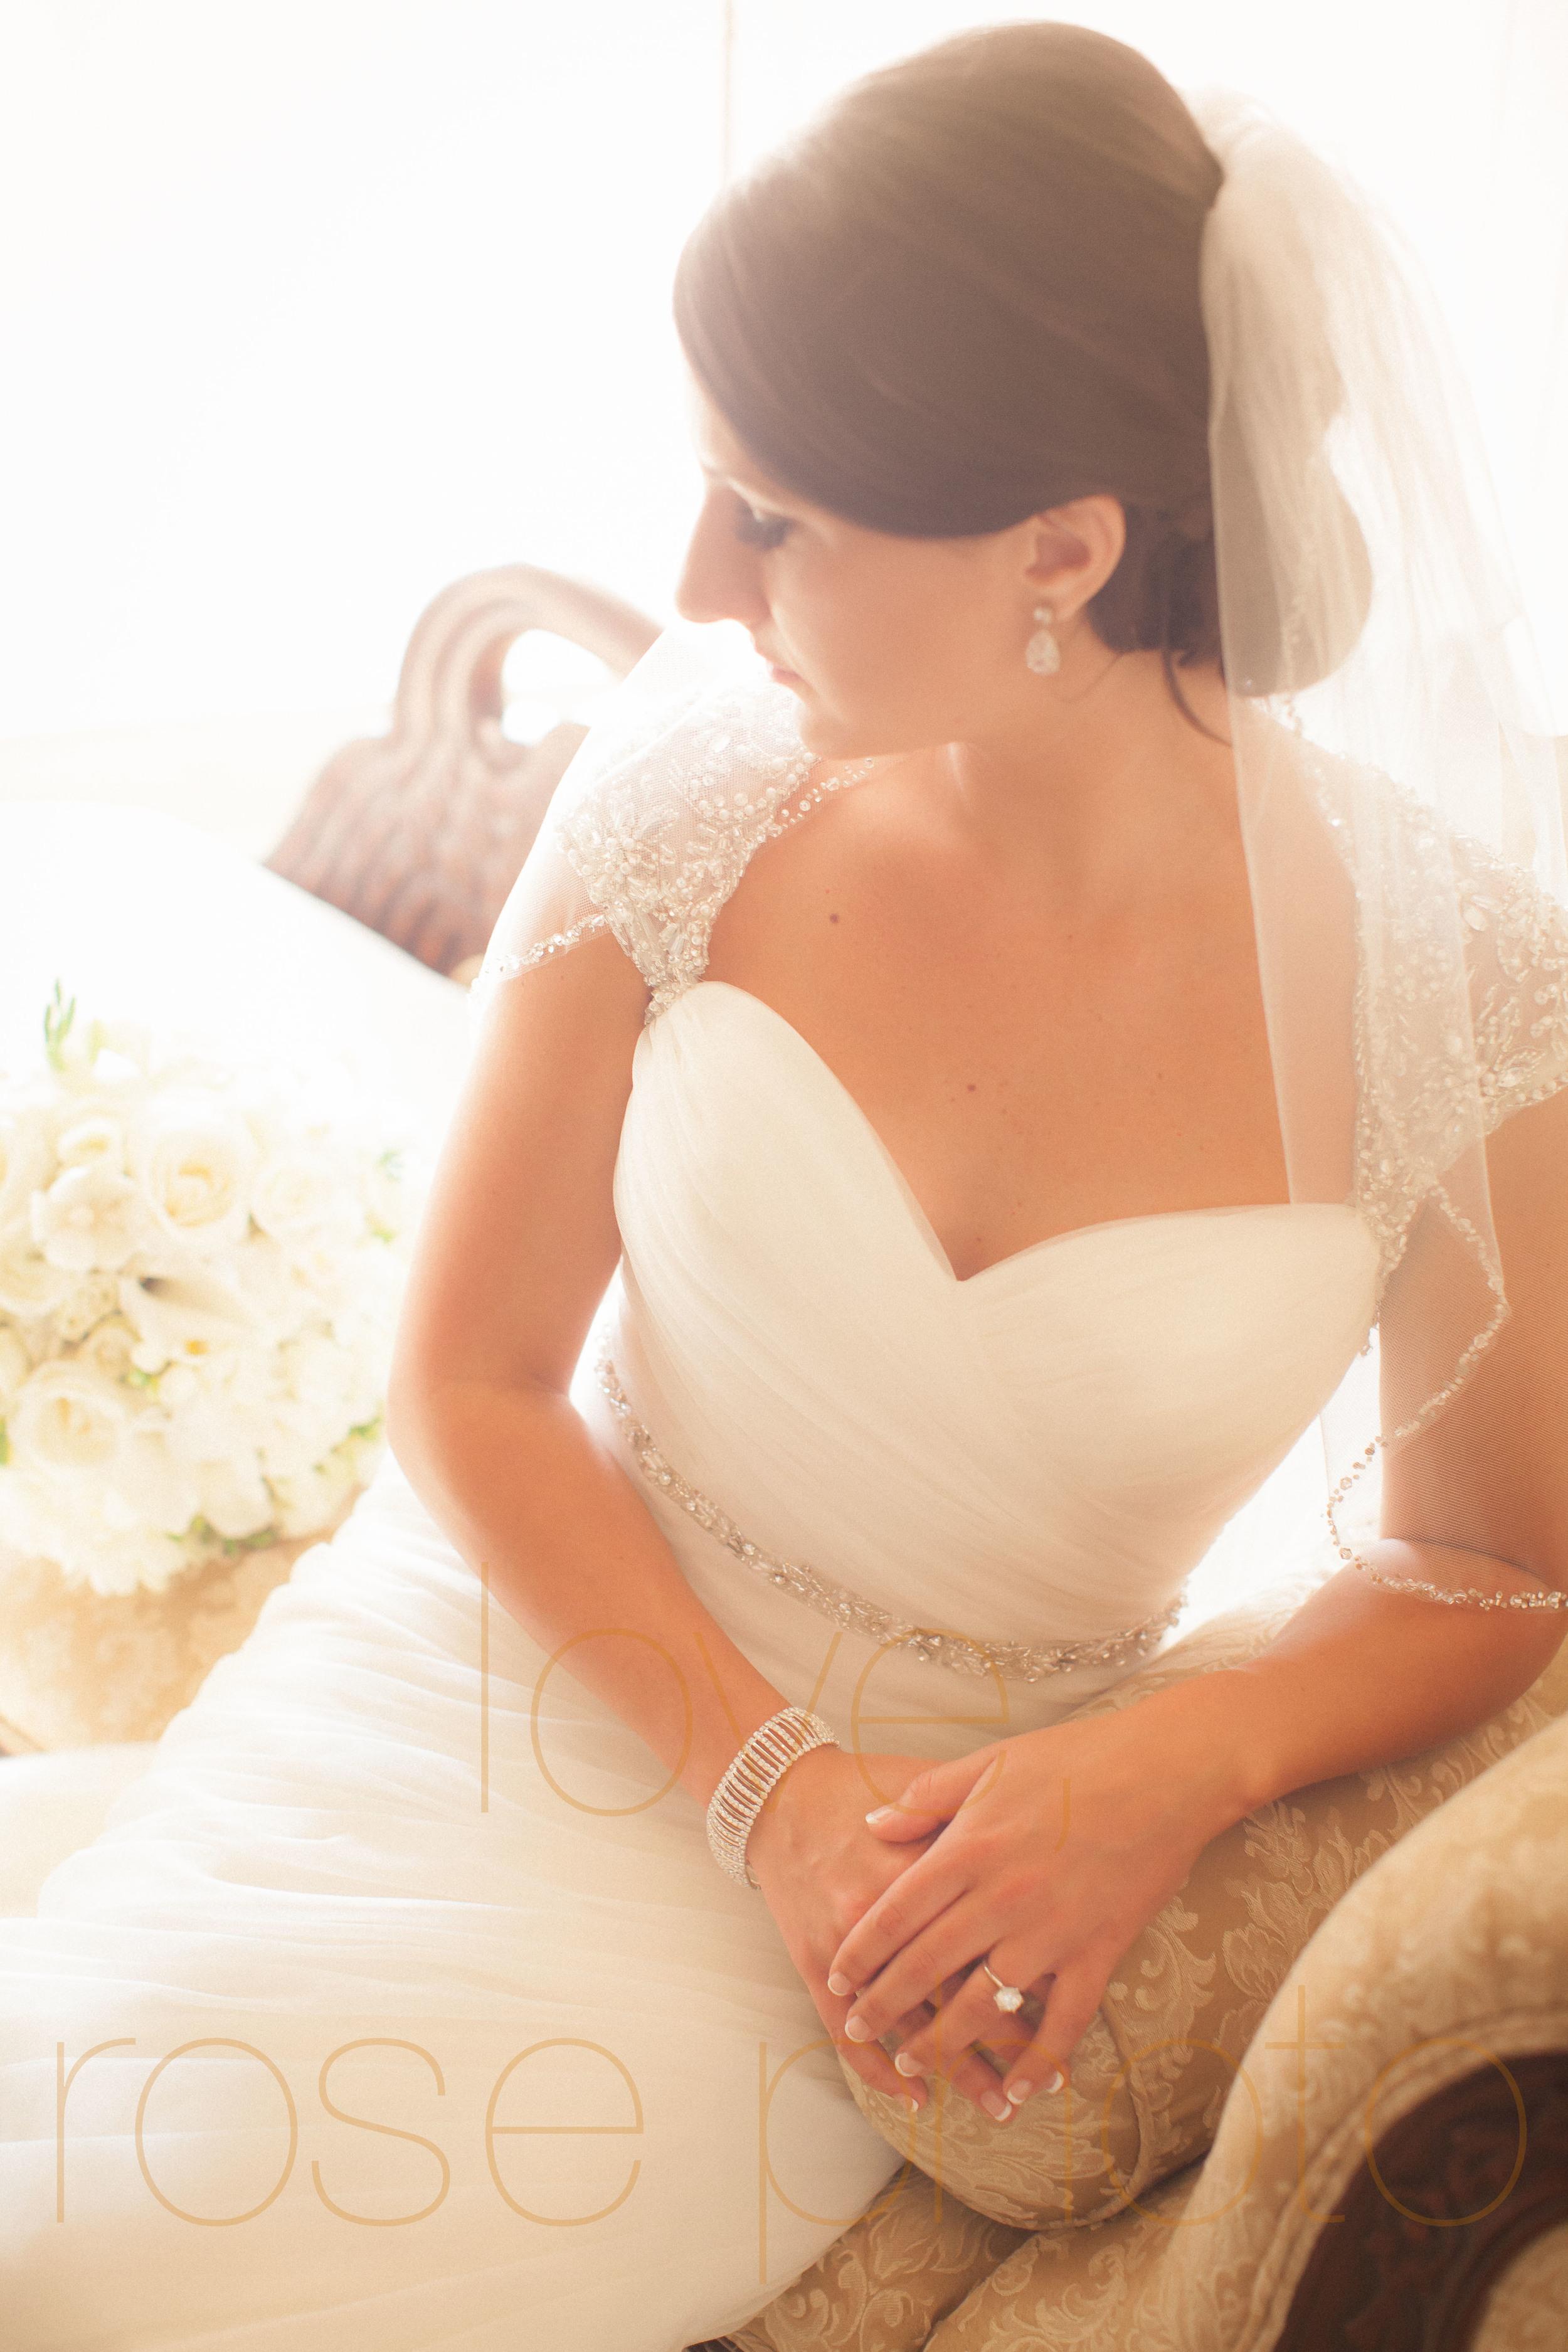 ellen + bryan chicago wedding joliet james healy mansion portrait lifestyle photojournalist photographer -010.jpg